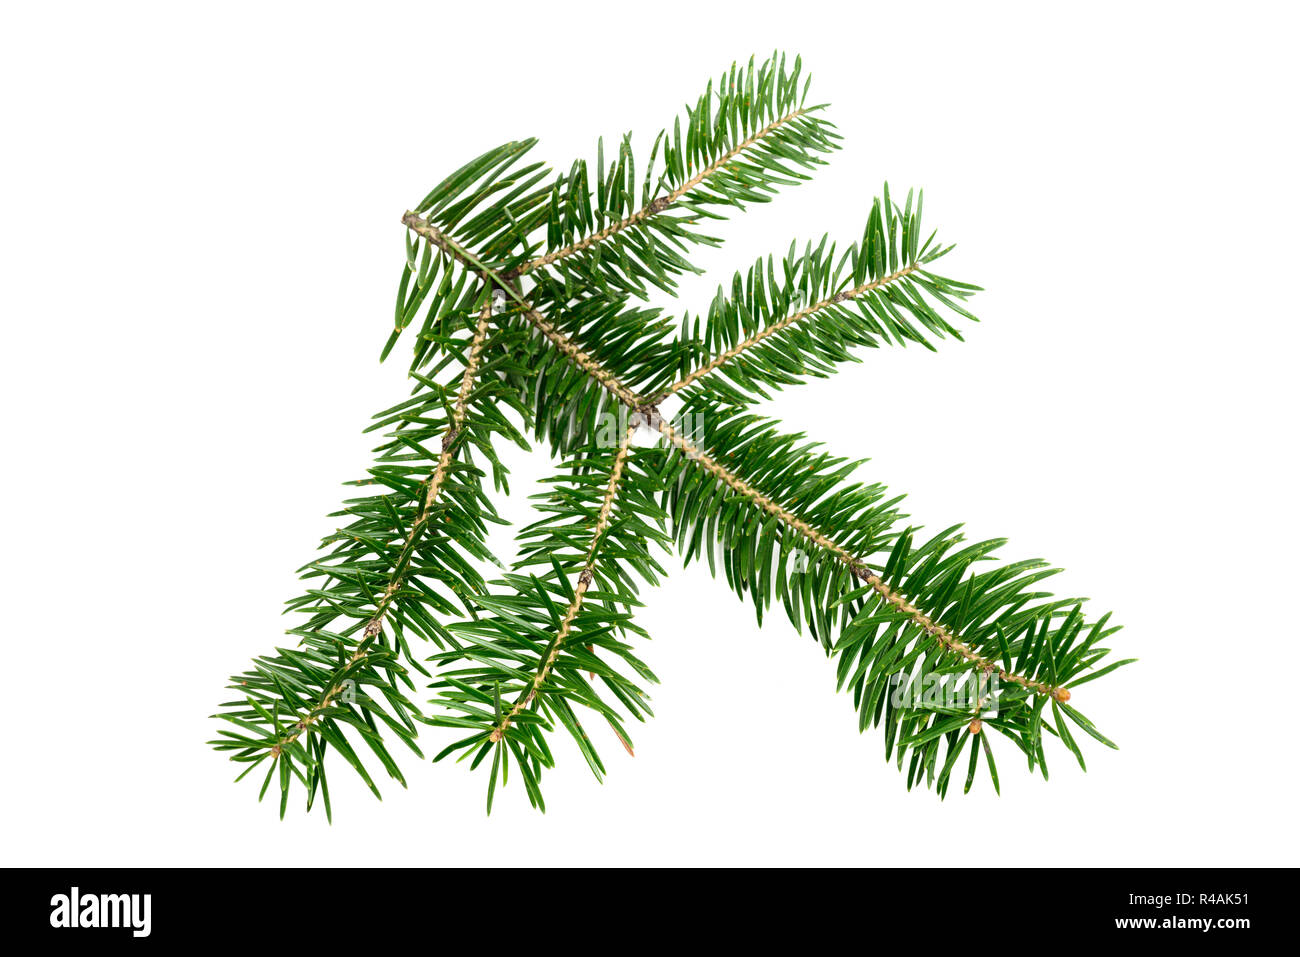 Immergrüne Zweig der Weihnachtsbaum auf weißem Hintergrund. Design Element Stockbild